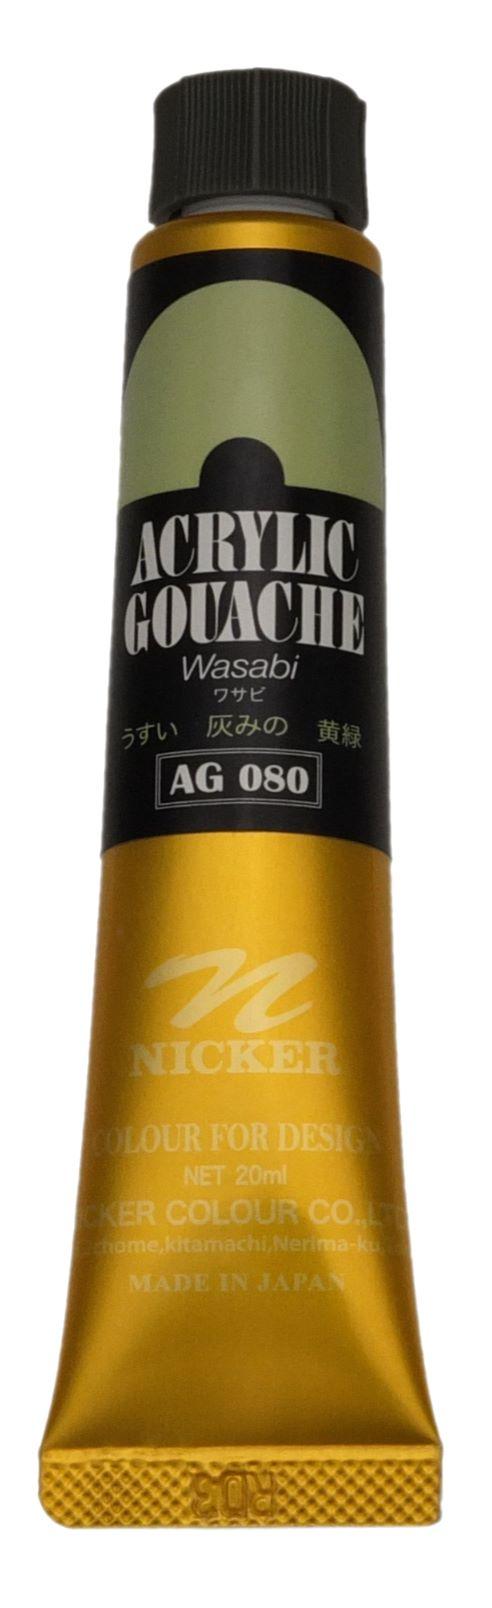 ACRYLIC GOUACHE 20ml AG080 WASABI